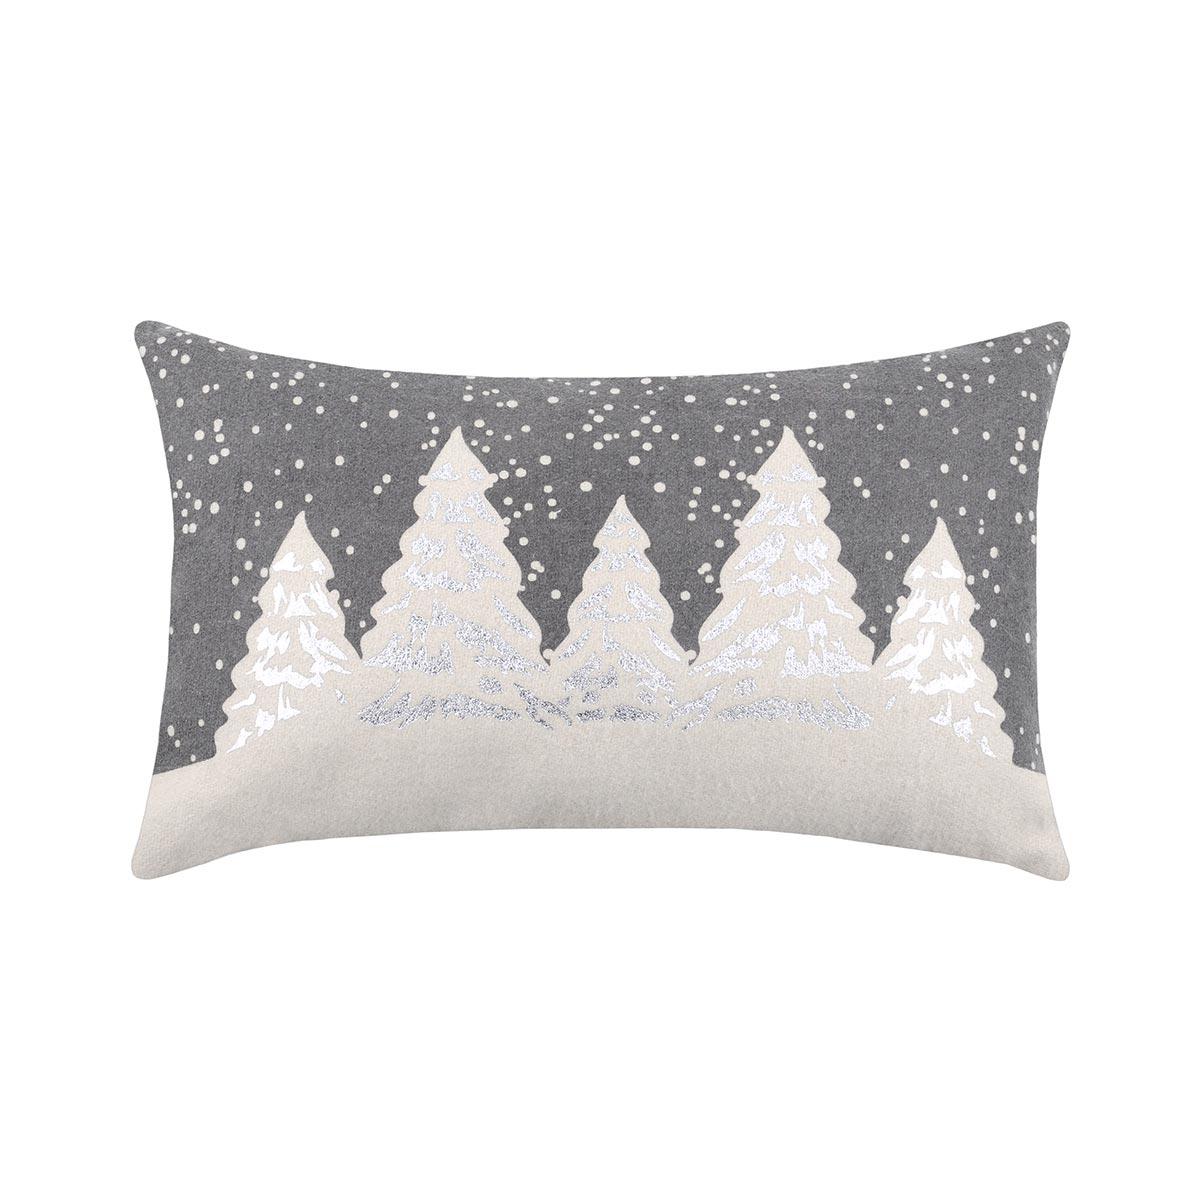 Χριστουγεννιάτικο Μαξιλάρι (30×50) S-F Snowing Gris C3A274001